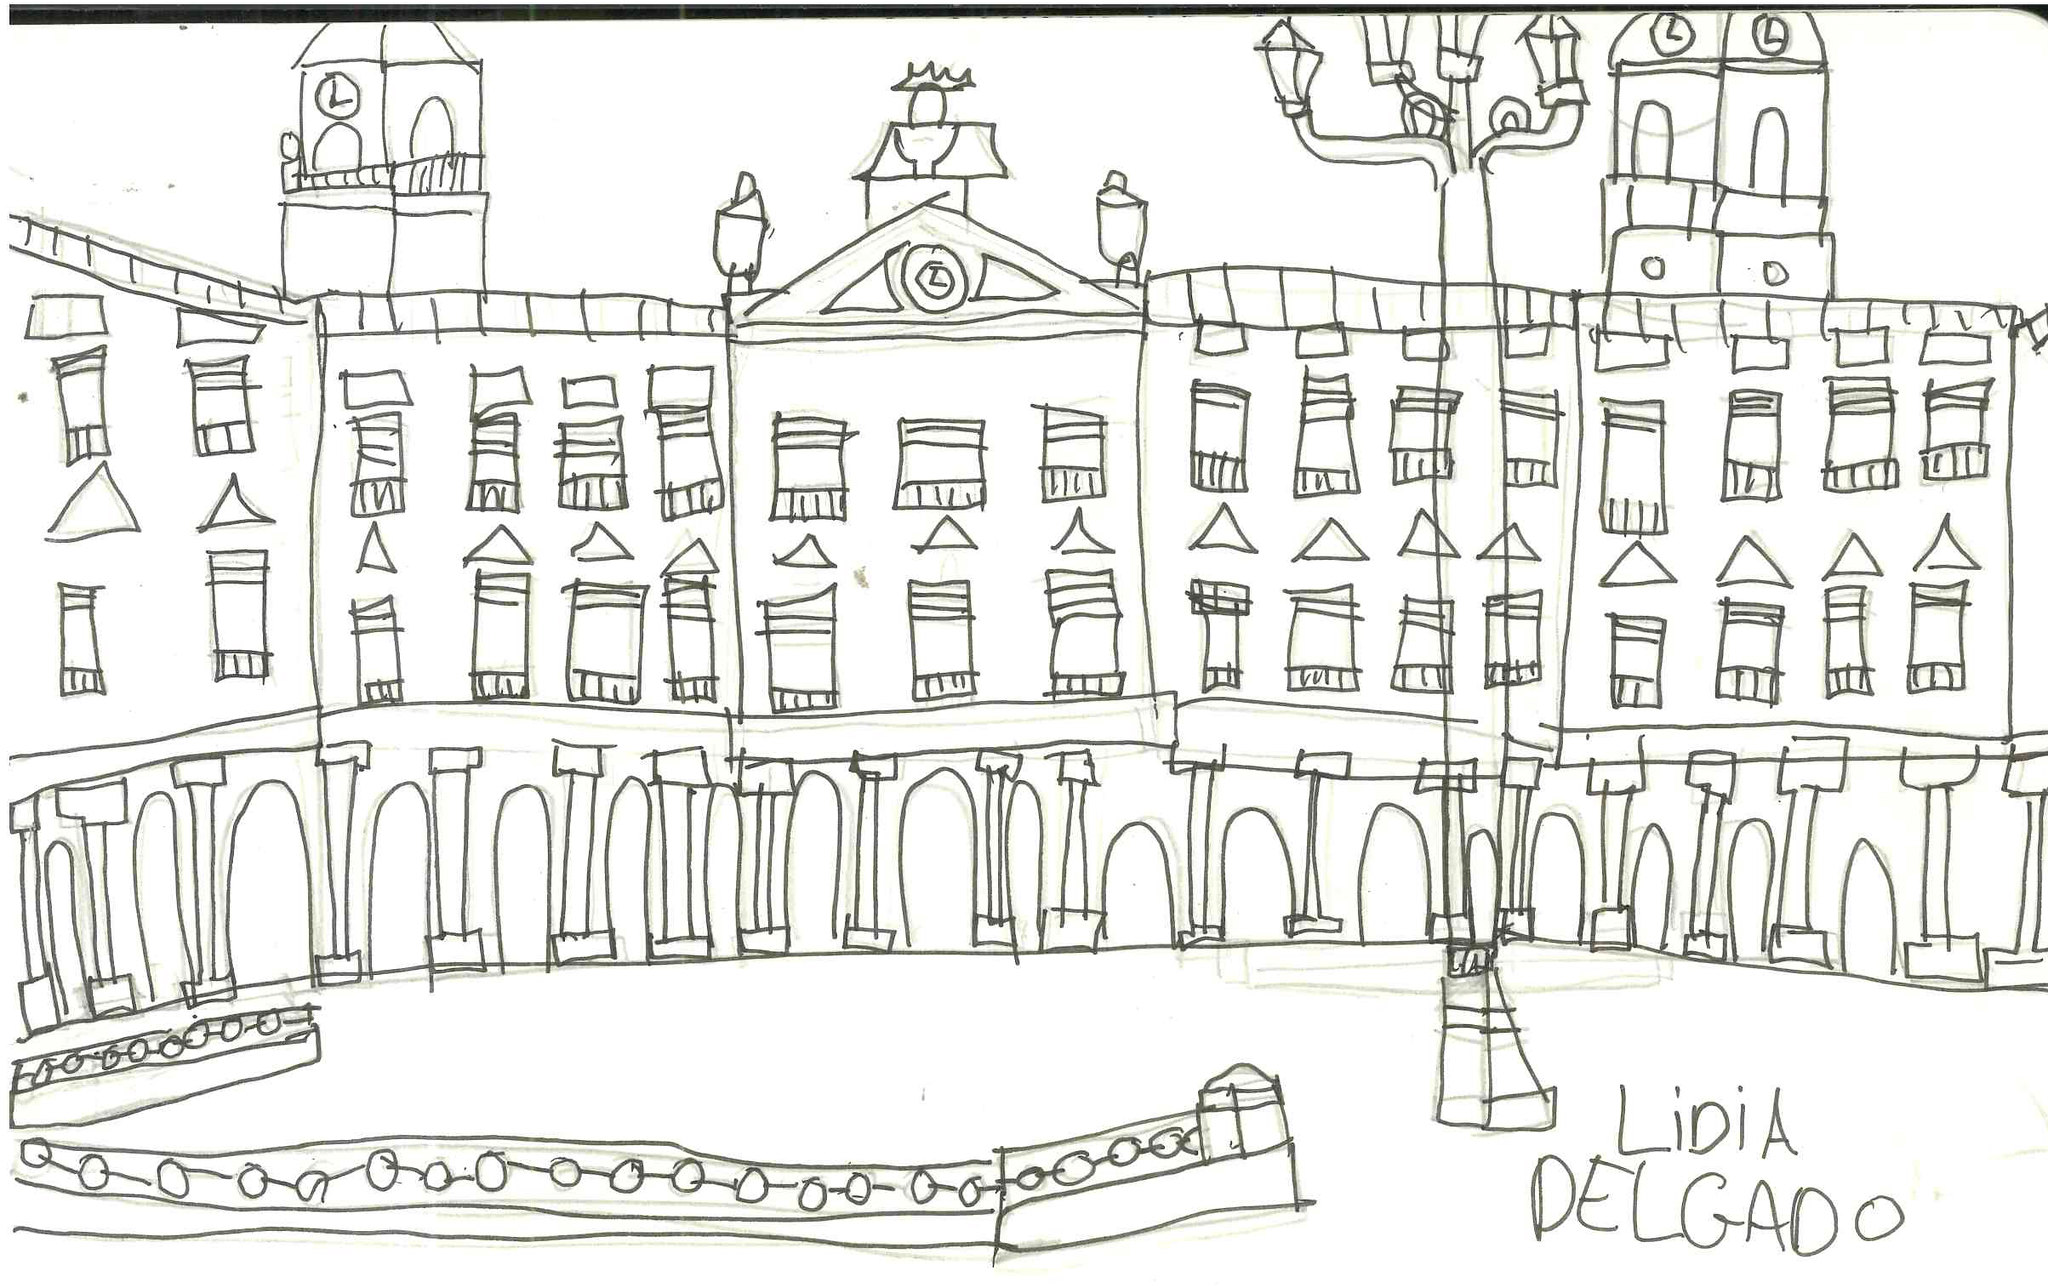 2016-10-01 - 2. eko sketch - parte hartzaileak